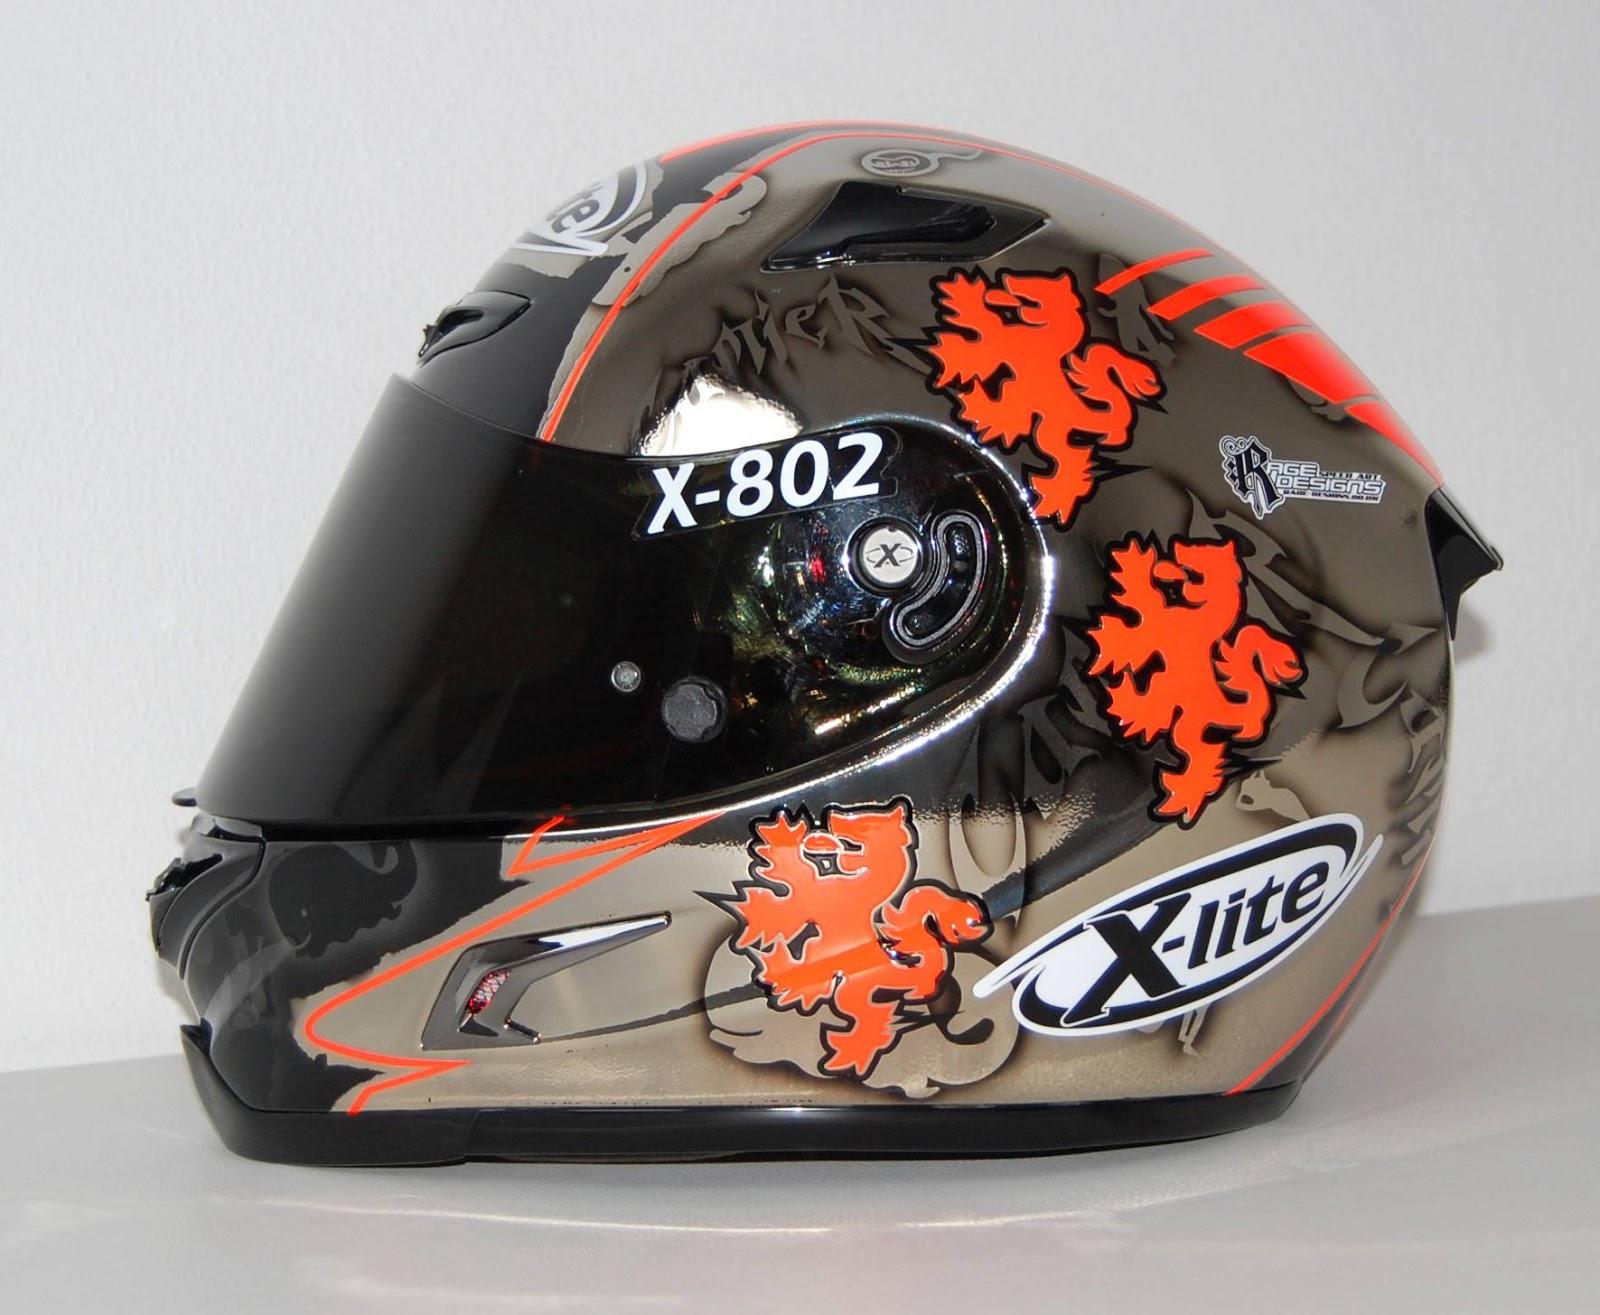 racing helmets garage x lite x 802r l camier donington. Black Bedroom Furniture Sets. Home Design Ideas